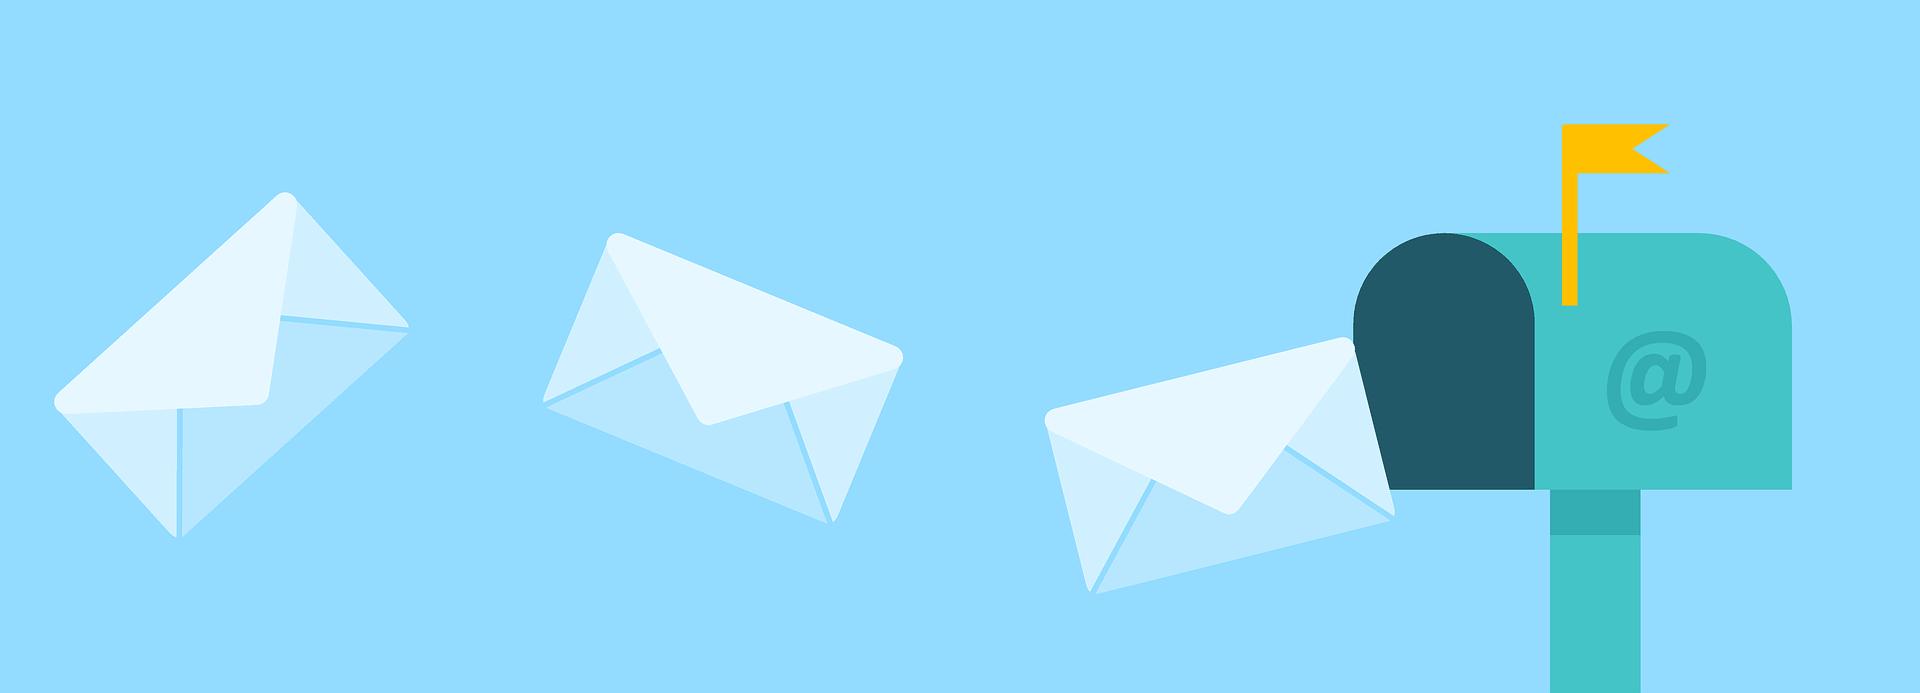 Dicas para criar uma boa newsletter